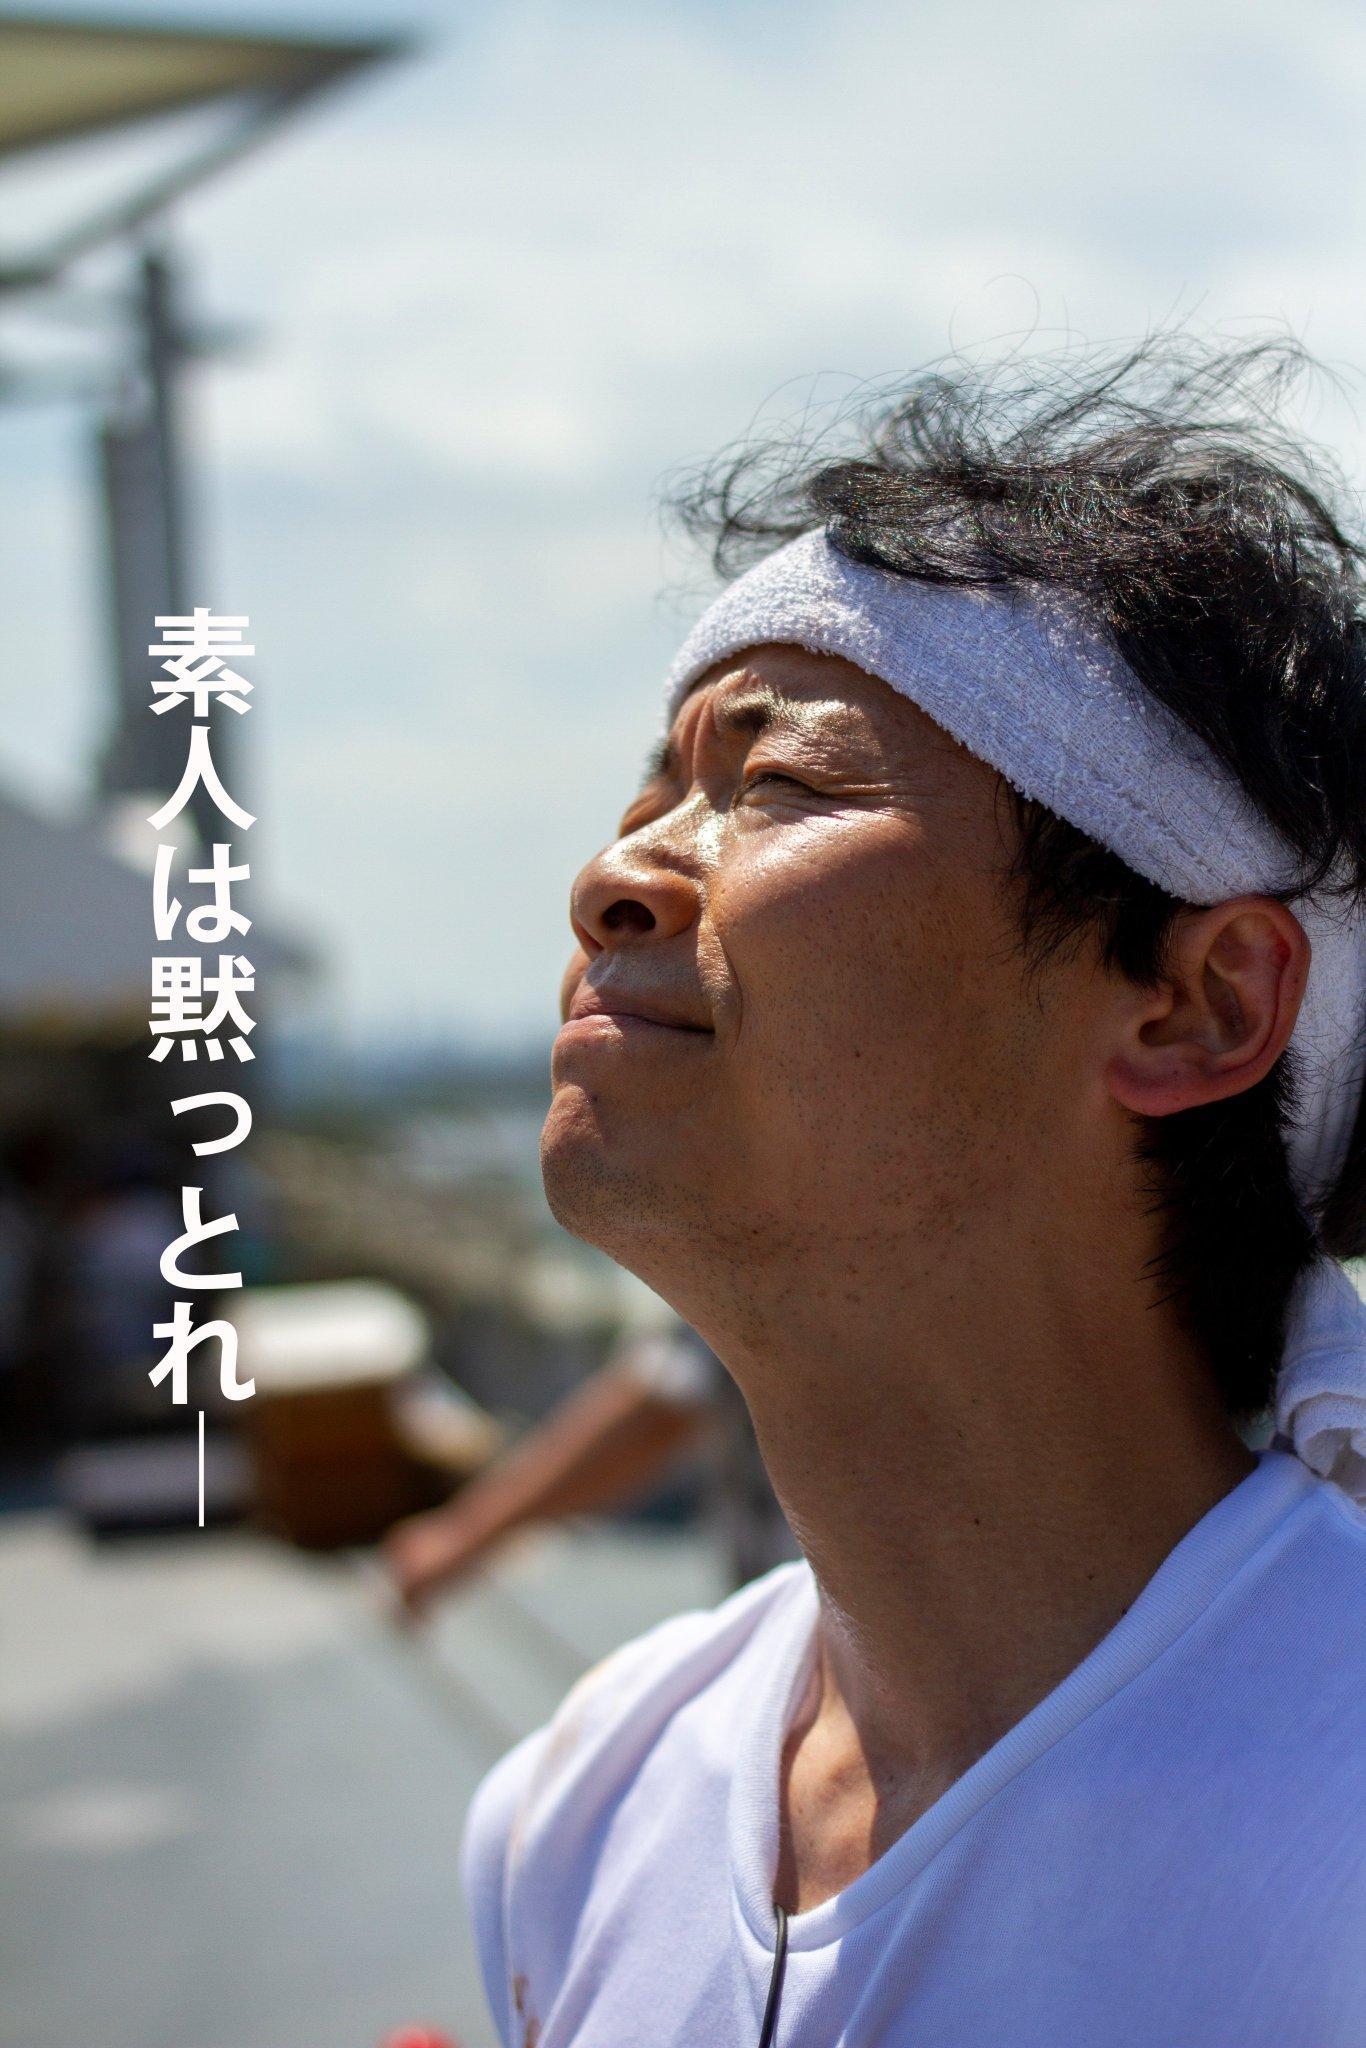 もうこれ本人だろwwwコミケにいたTOKIOのリーダー城島のクオリティがやばいwww